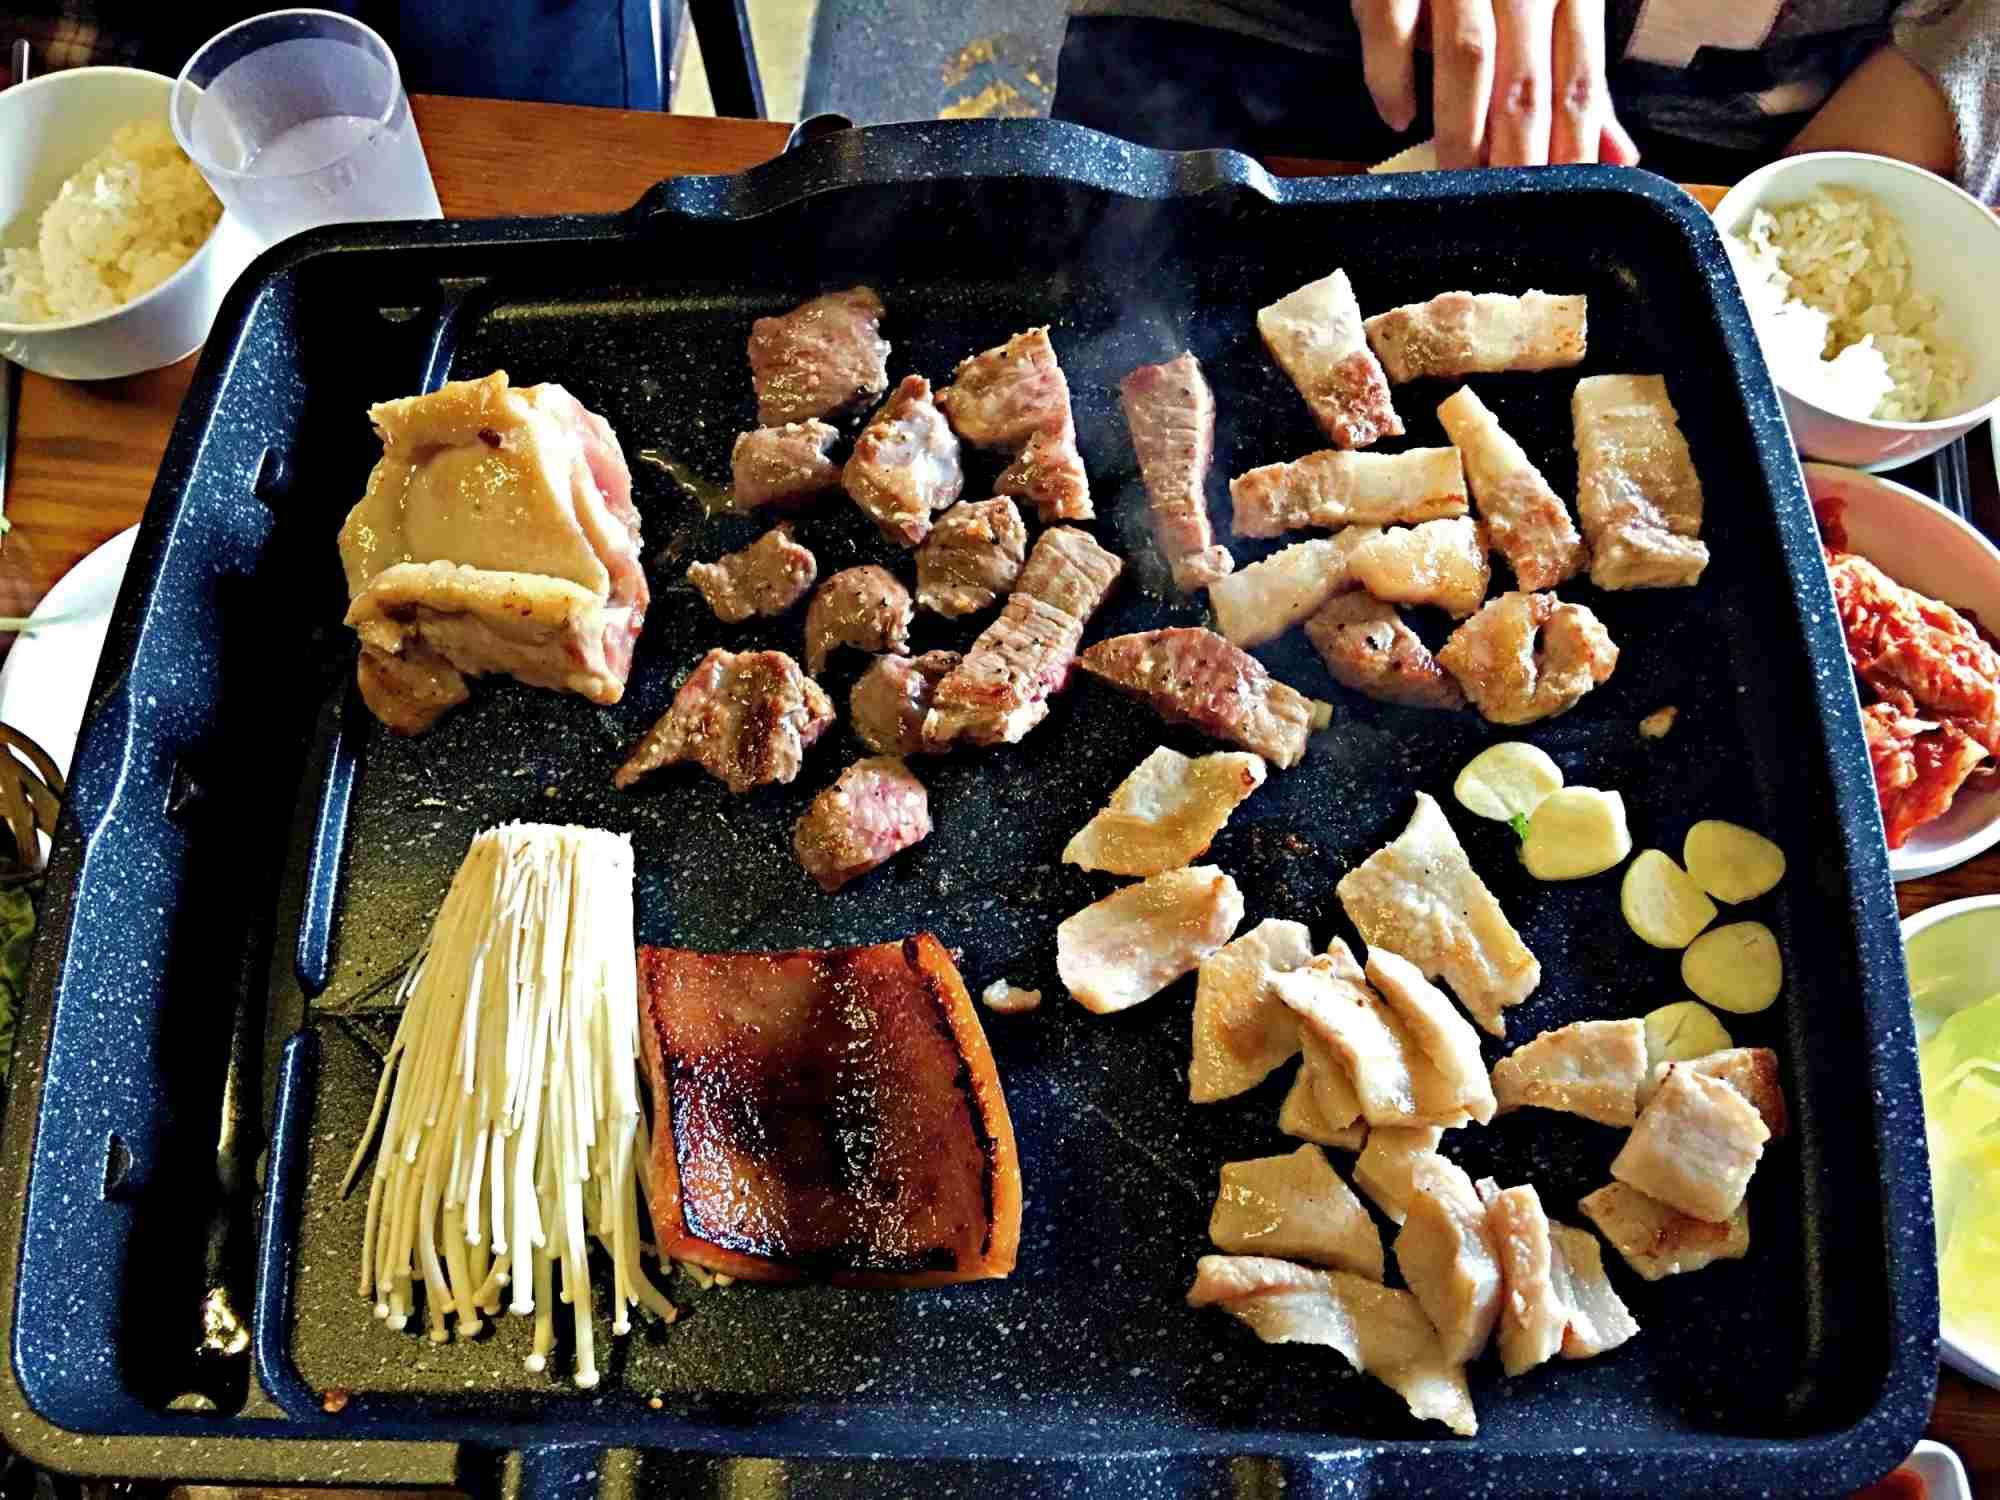 烤肉小秘訣:可以把蒜頭烤得金黃酥脆,配著肉吃會更美味!